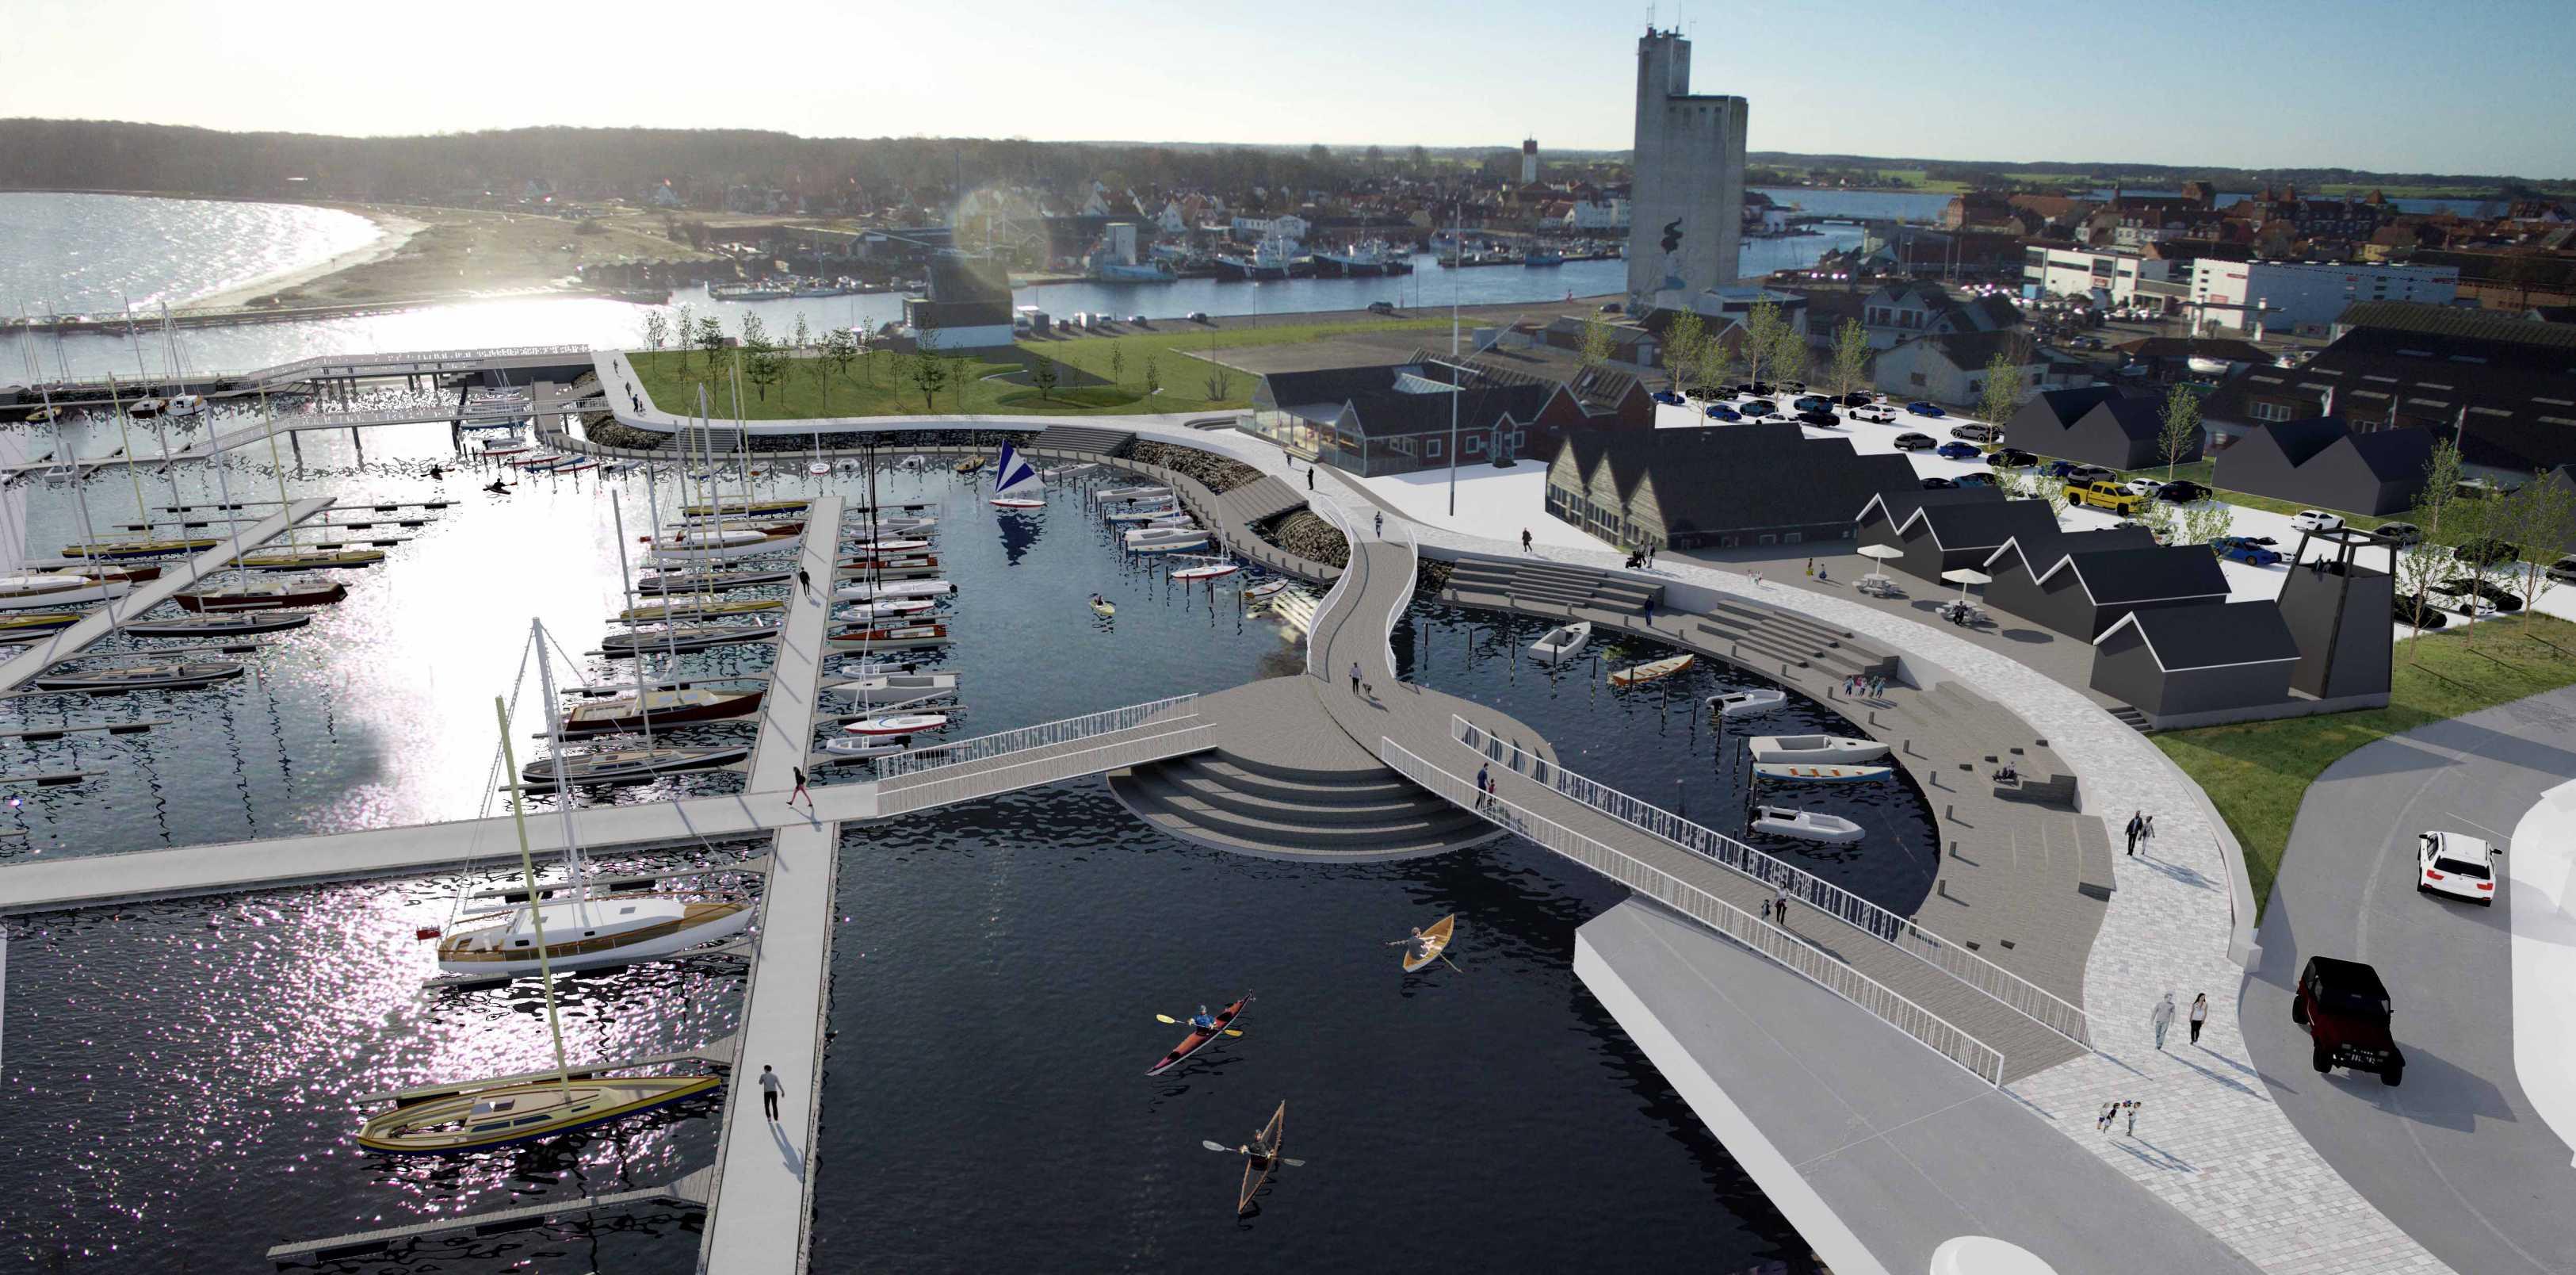 Havneplan, Kerteminde Marina, Strandkilen, Luftfoto